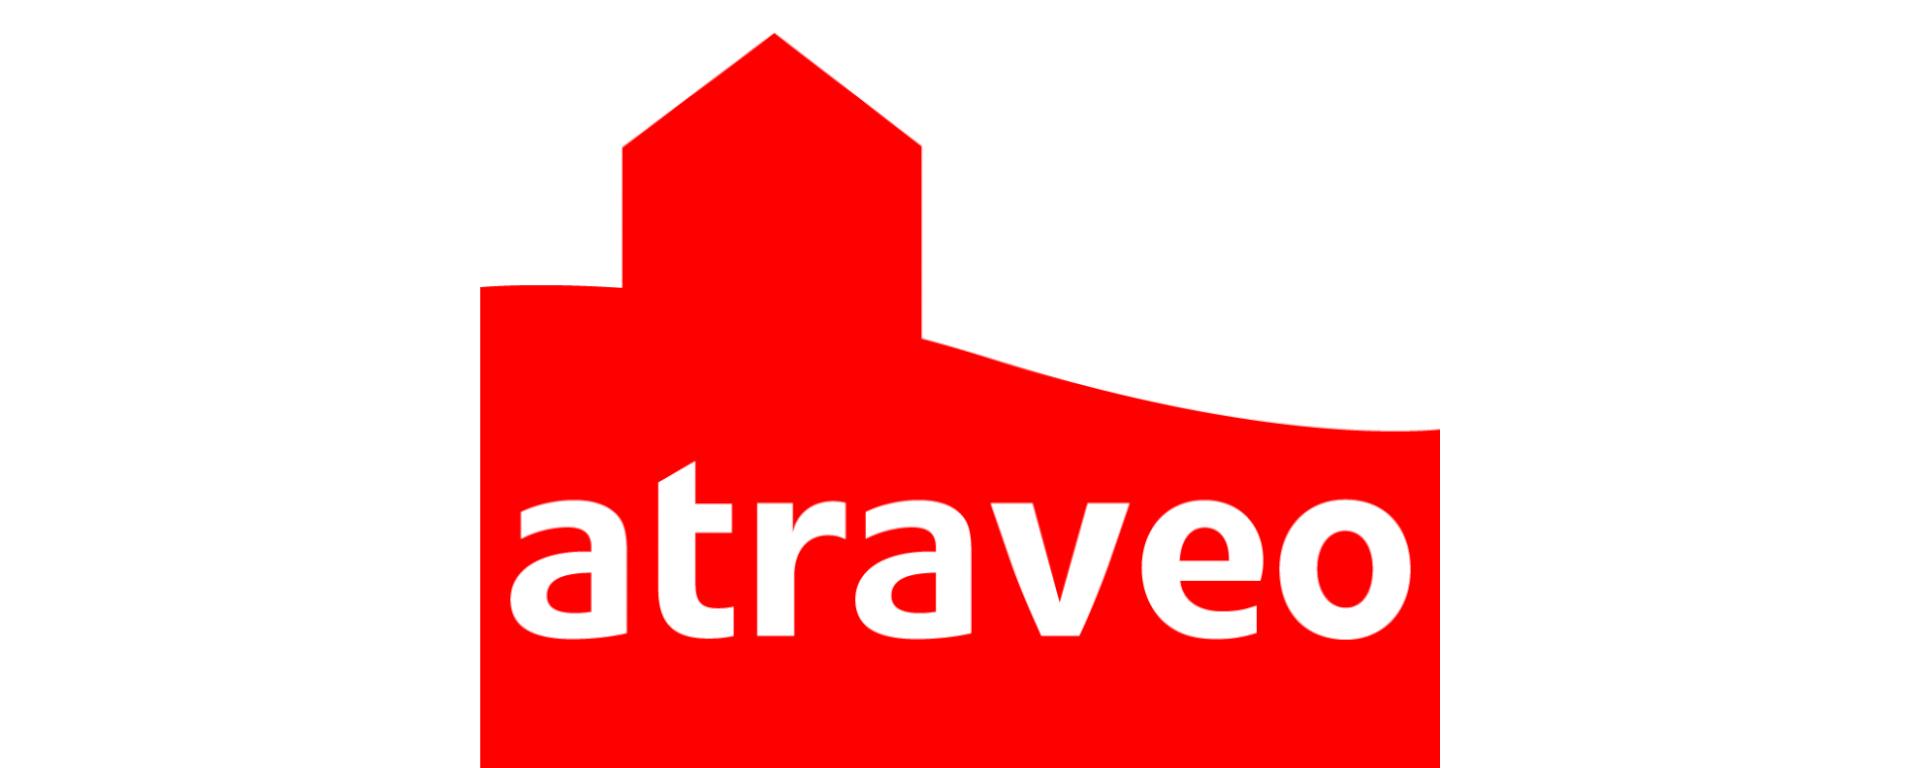 Atraveo Logo